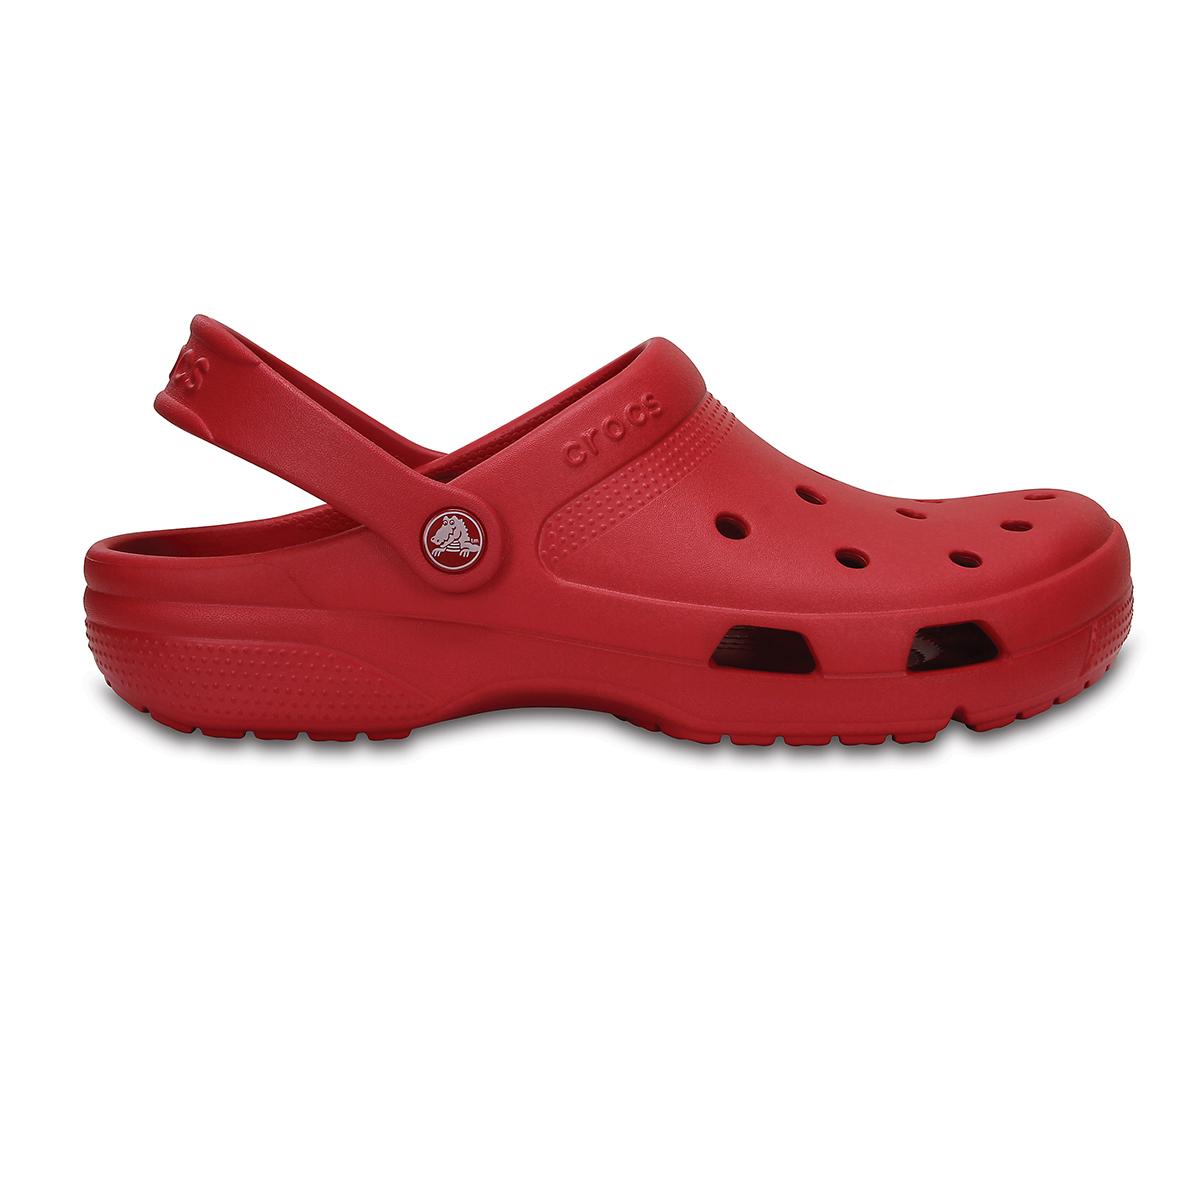 Crocs Coast Clog - Biber